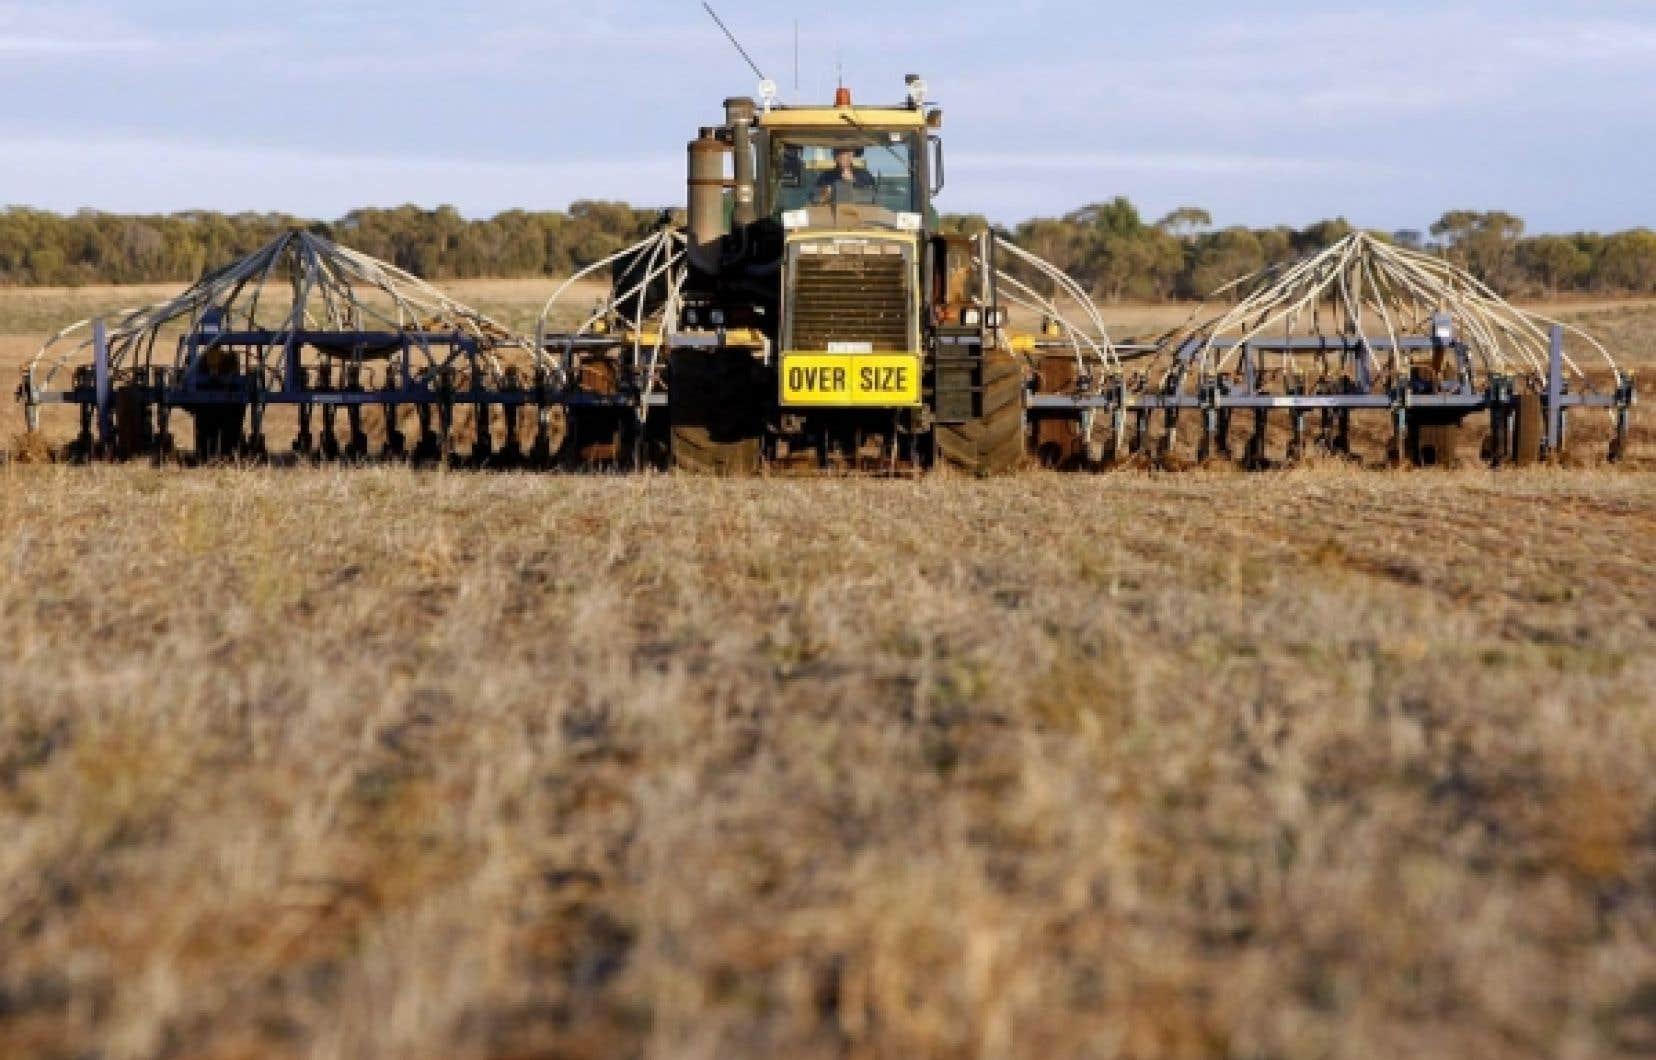 L'industrie agroalimentaire s'est attaquée au problème de la mauvaise gestion des fumiers et des lisiers afin de protéger les cours d'eau<br />